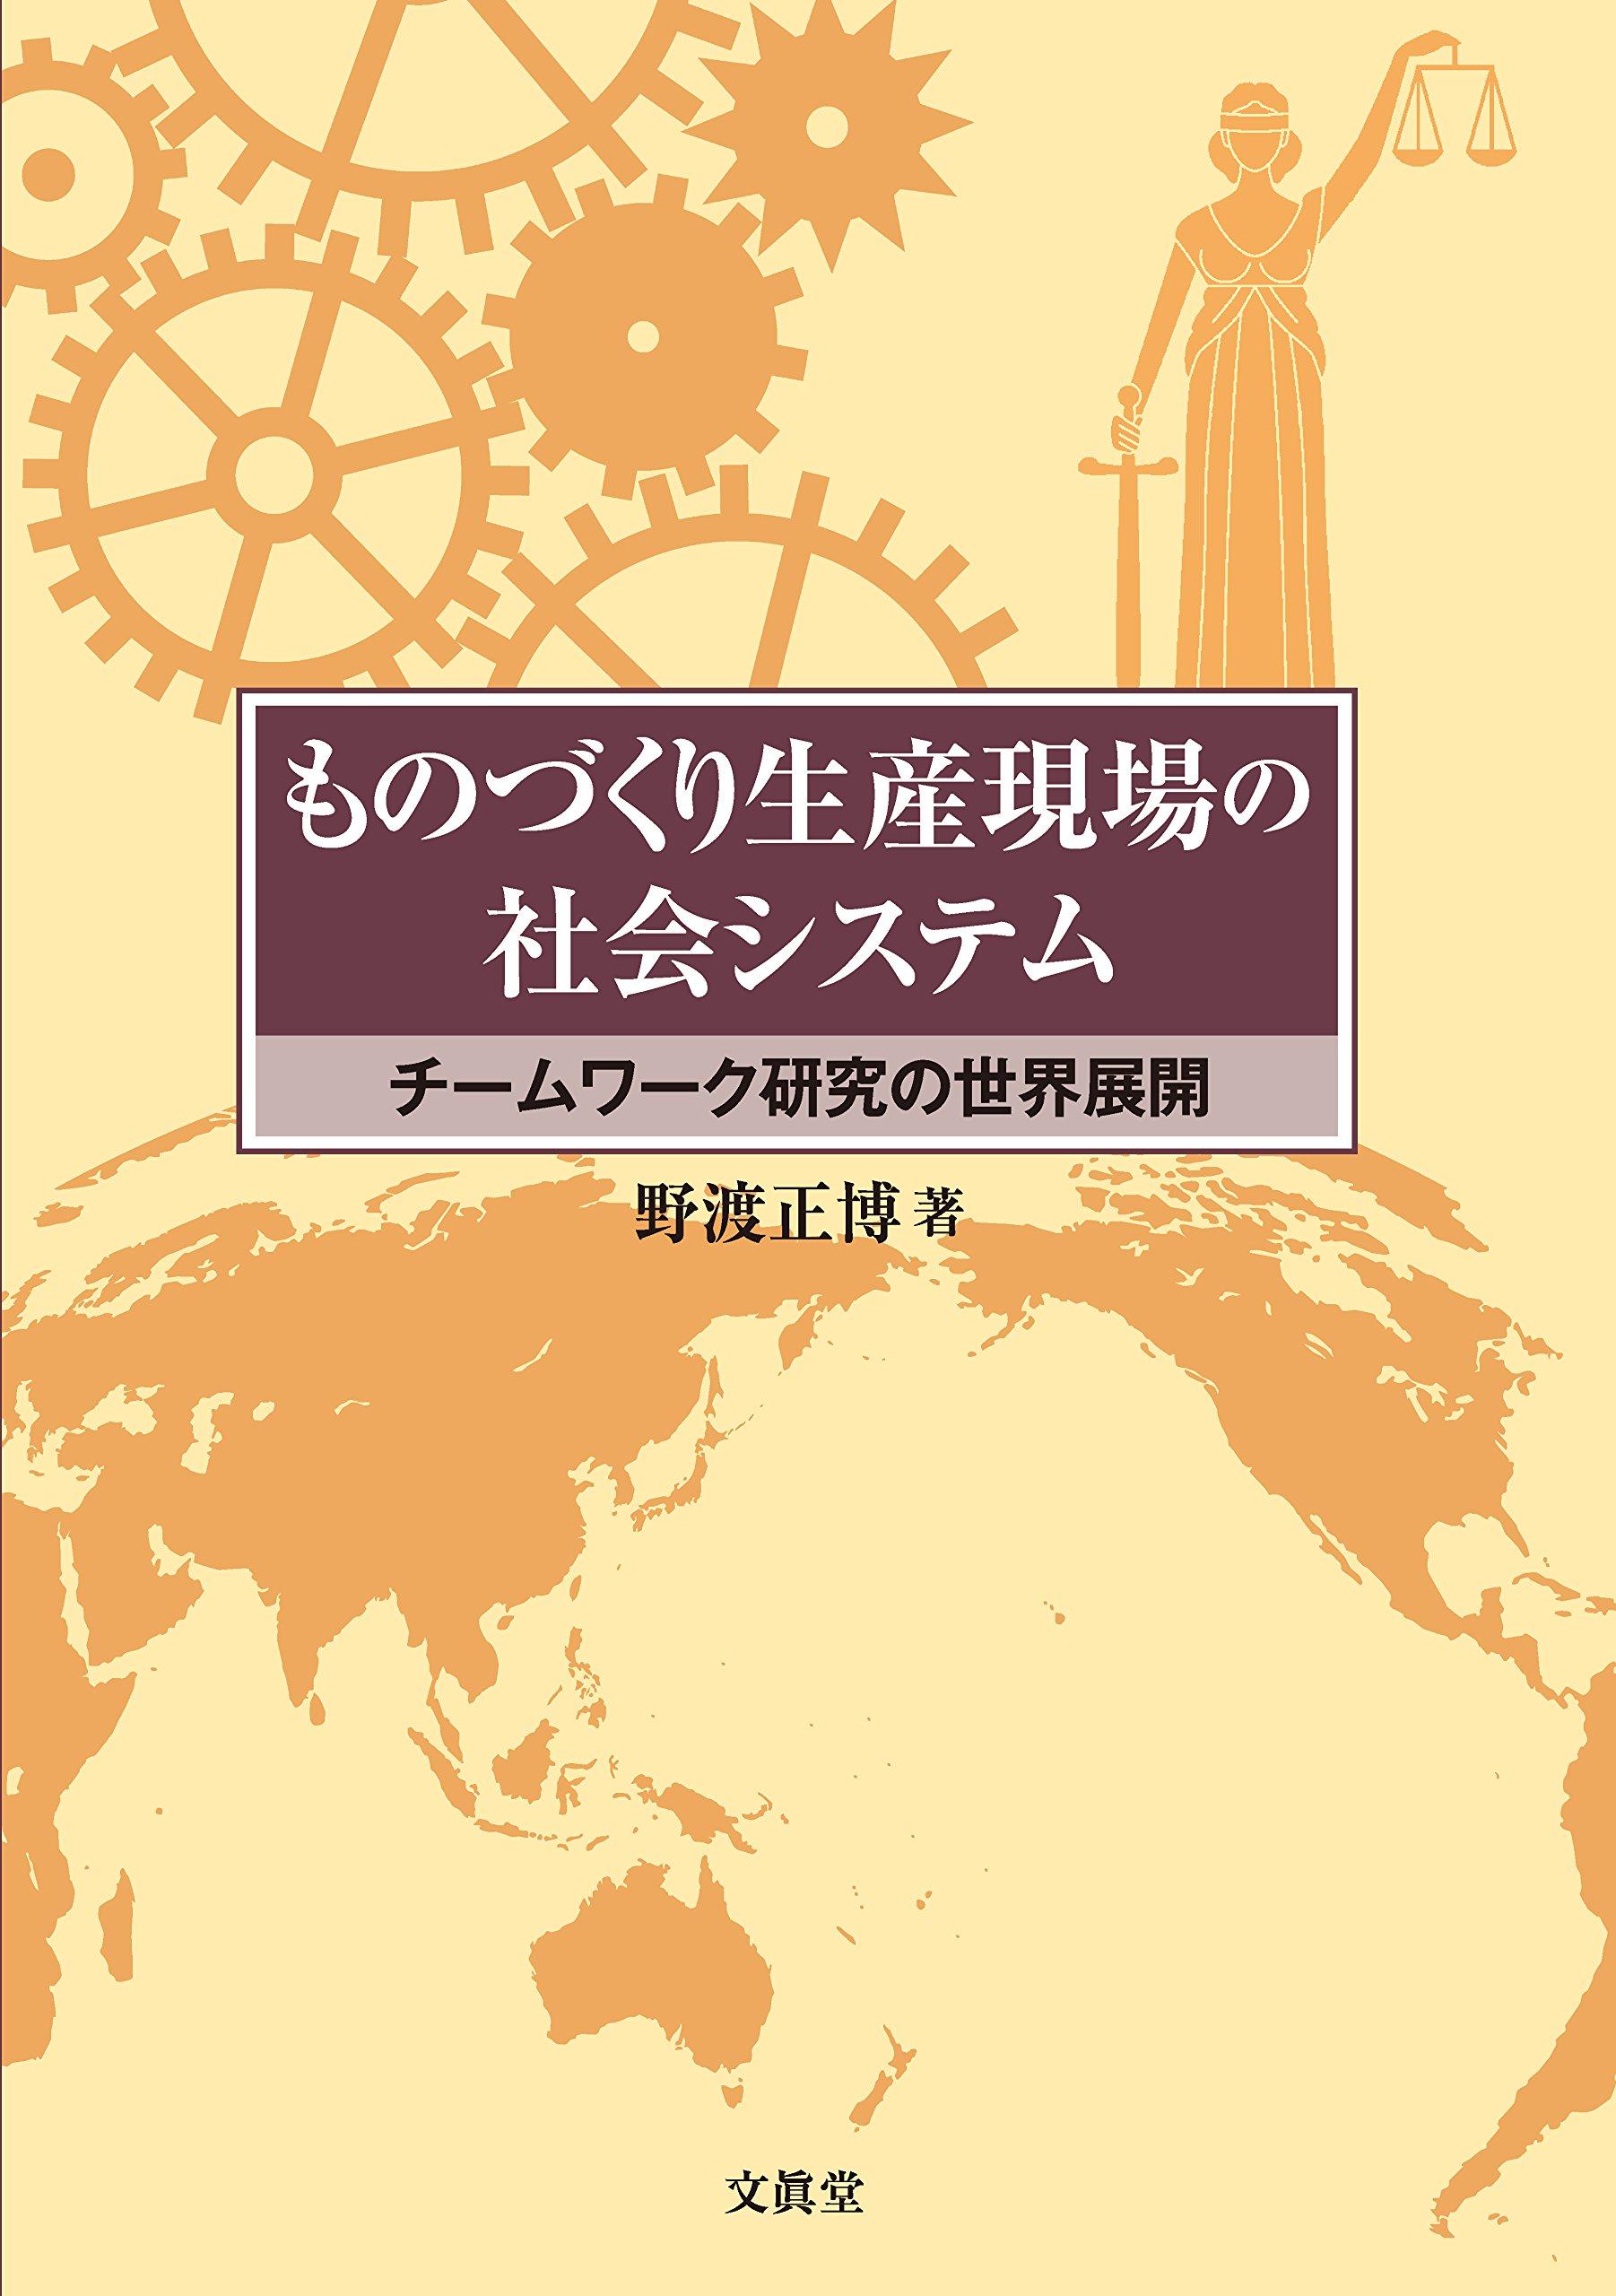 野渡正博(玉川大学)著ものづくり生産現場の社会システム: チームワーク研究の世界展開』